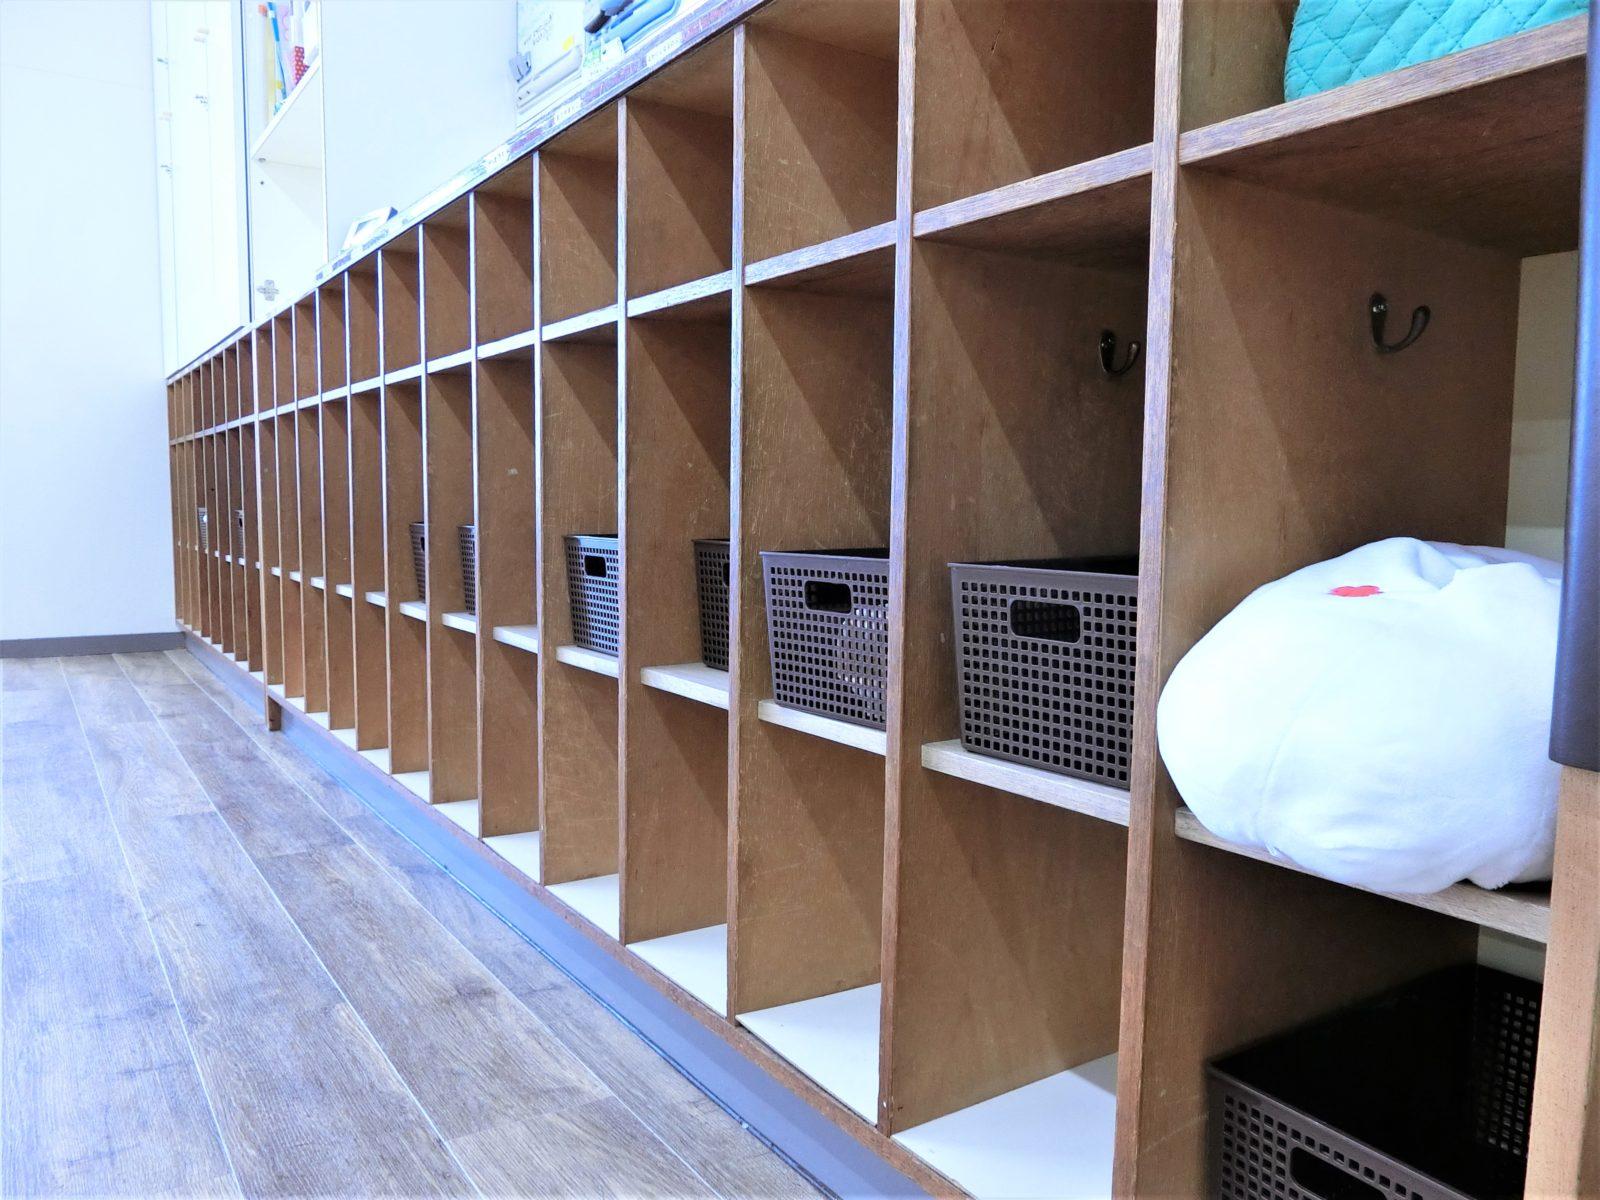 自然素材の棚と床の色を合わせてオシャレに